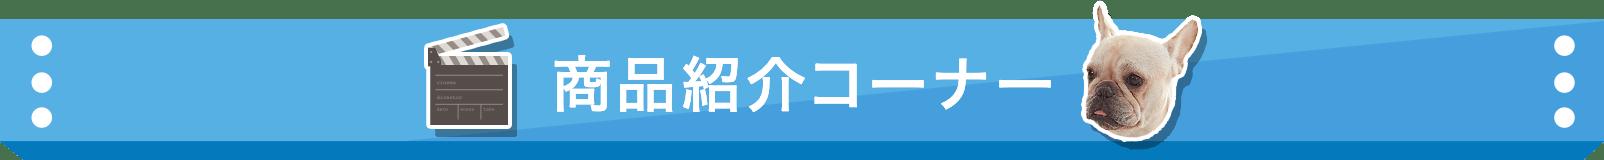 商品紹介コーナー